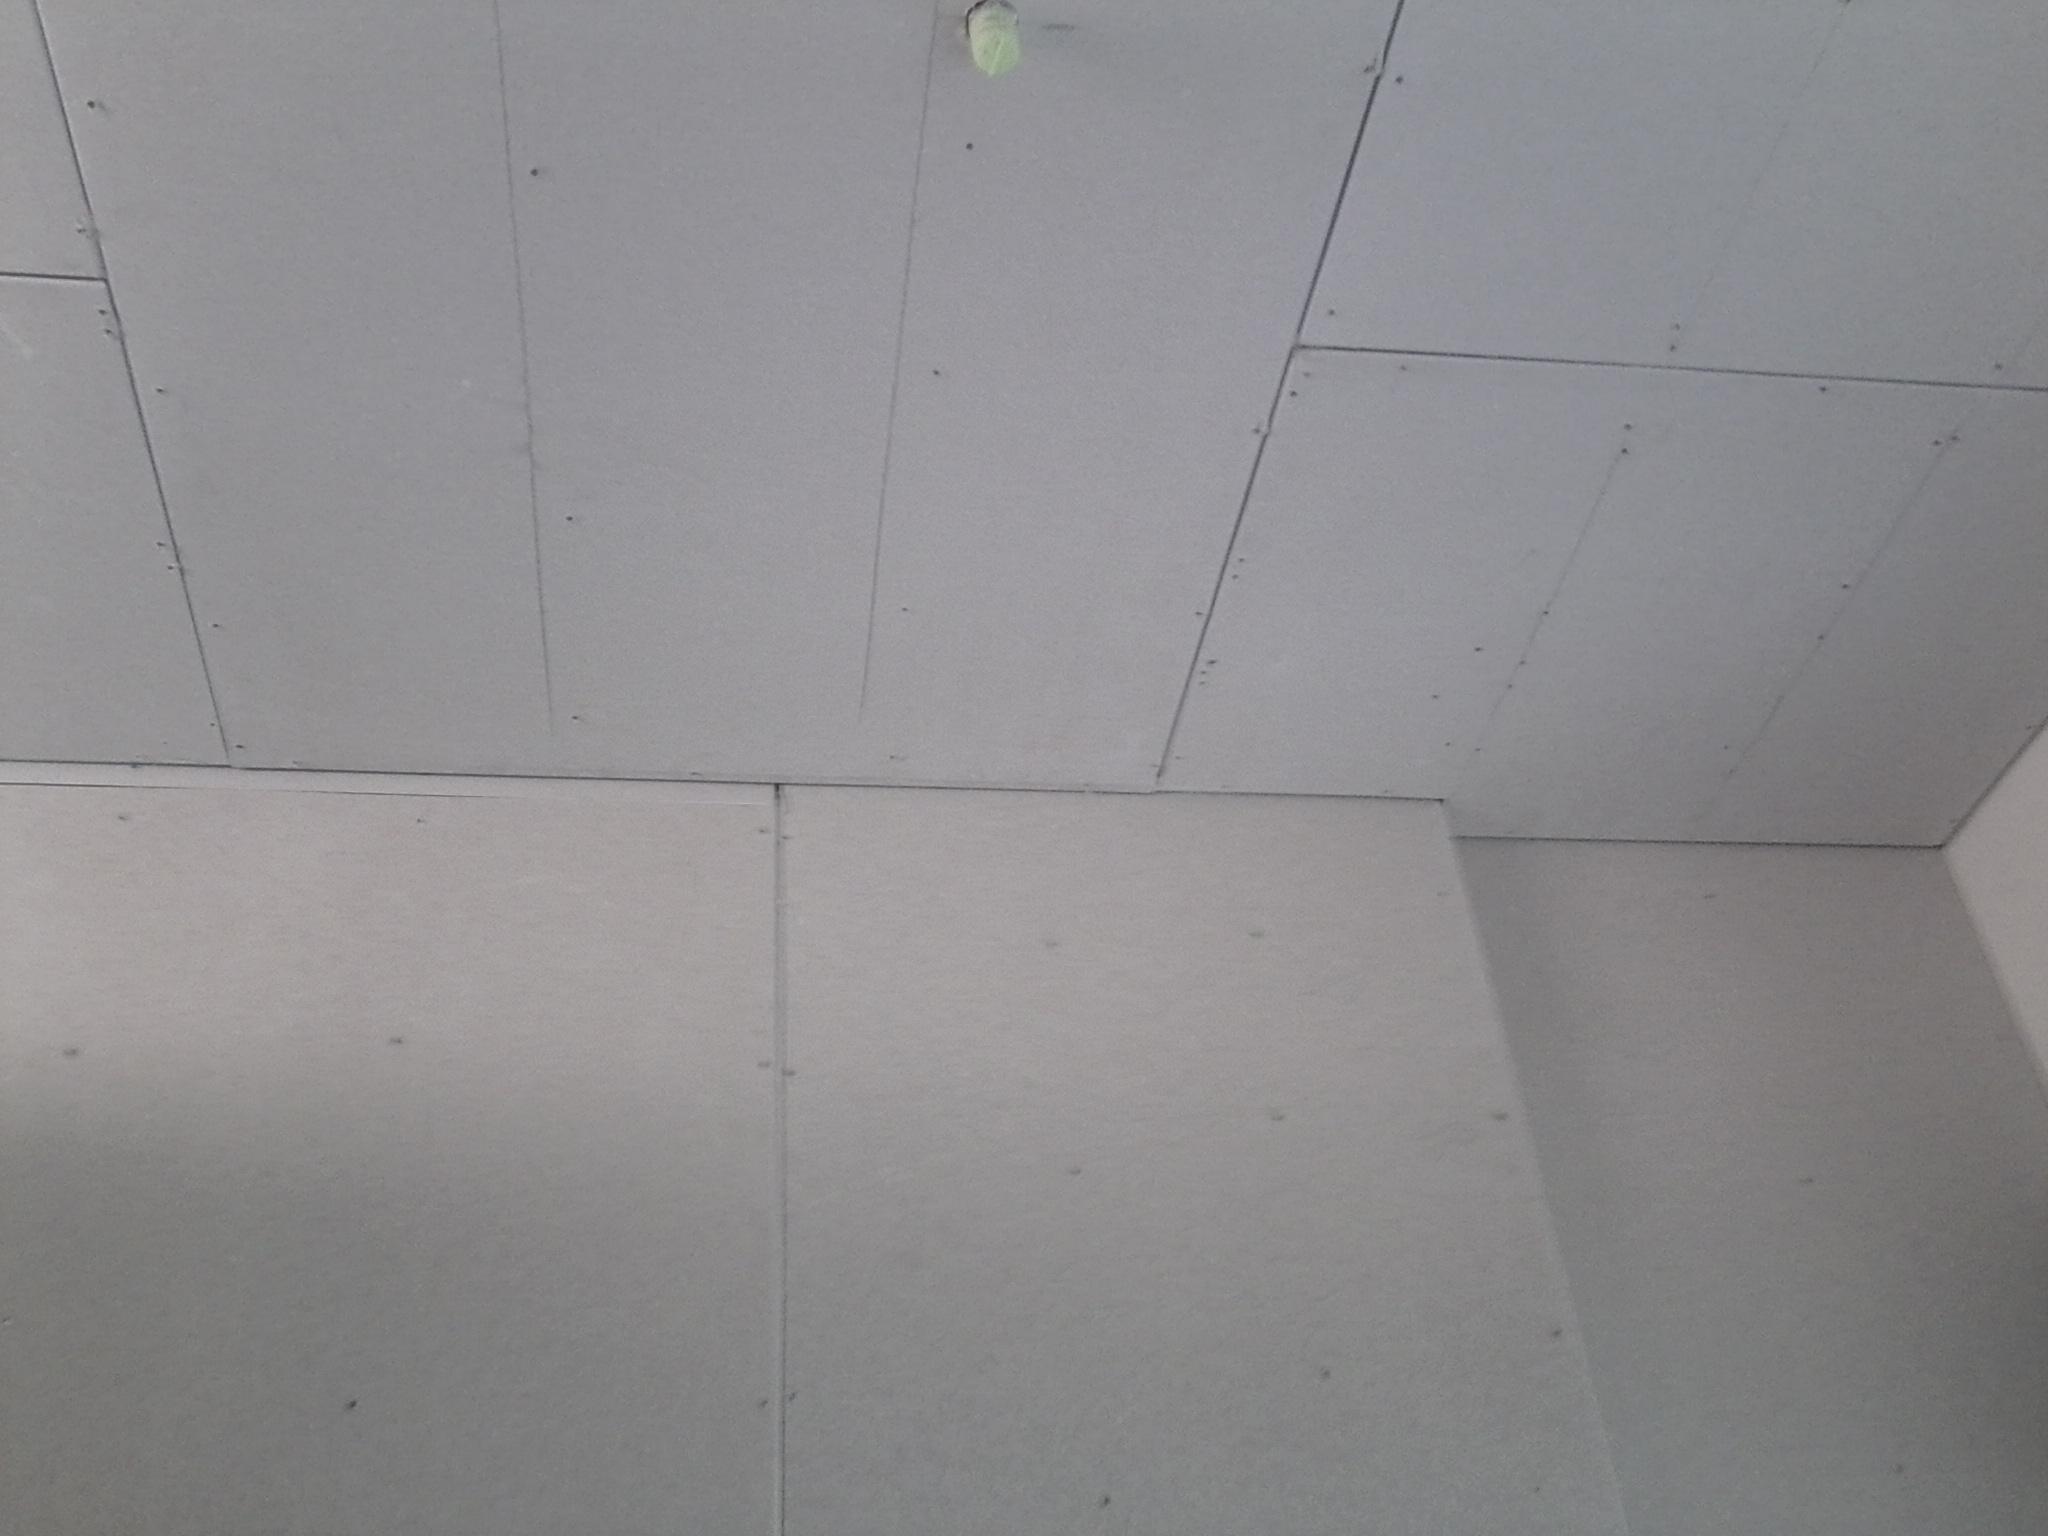 天花板(暗架)加隔間.jpg